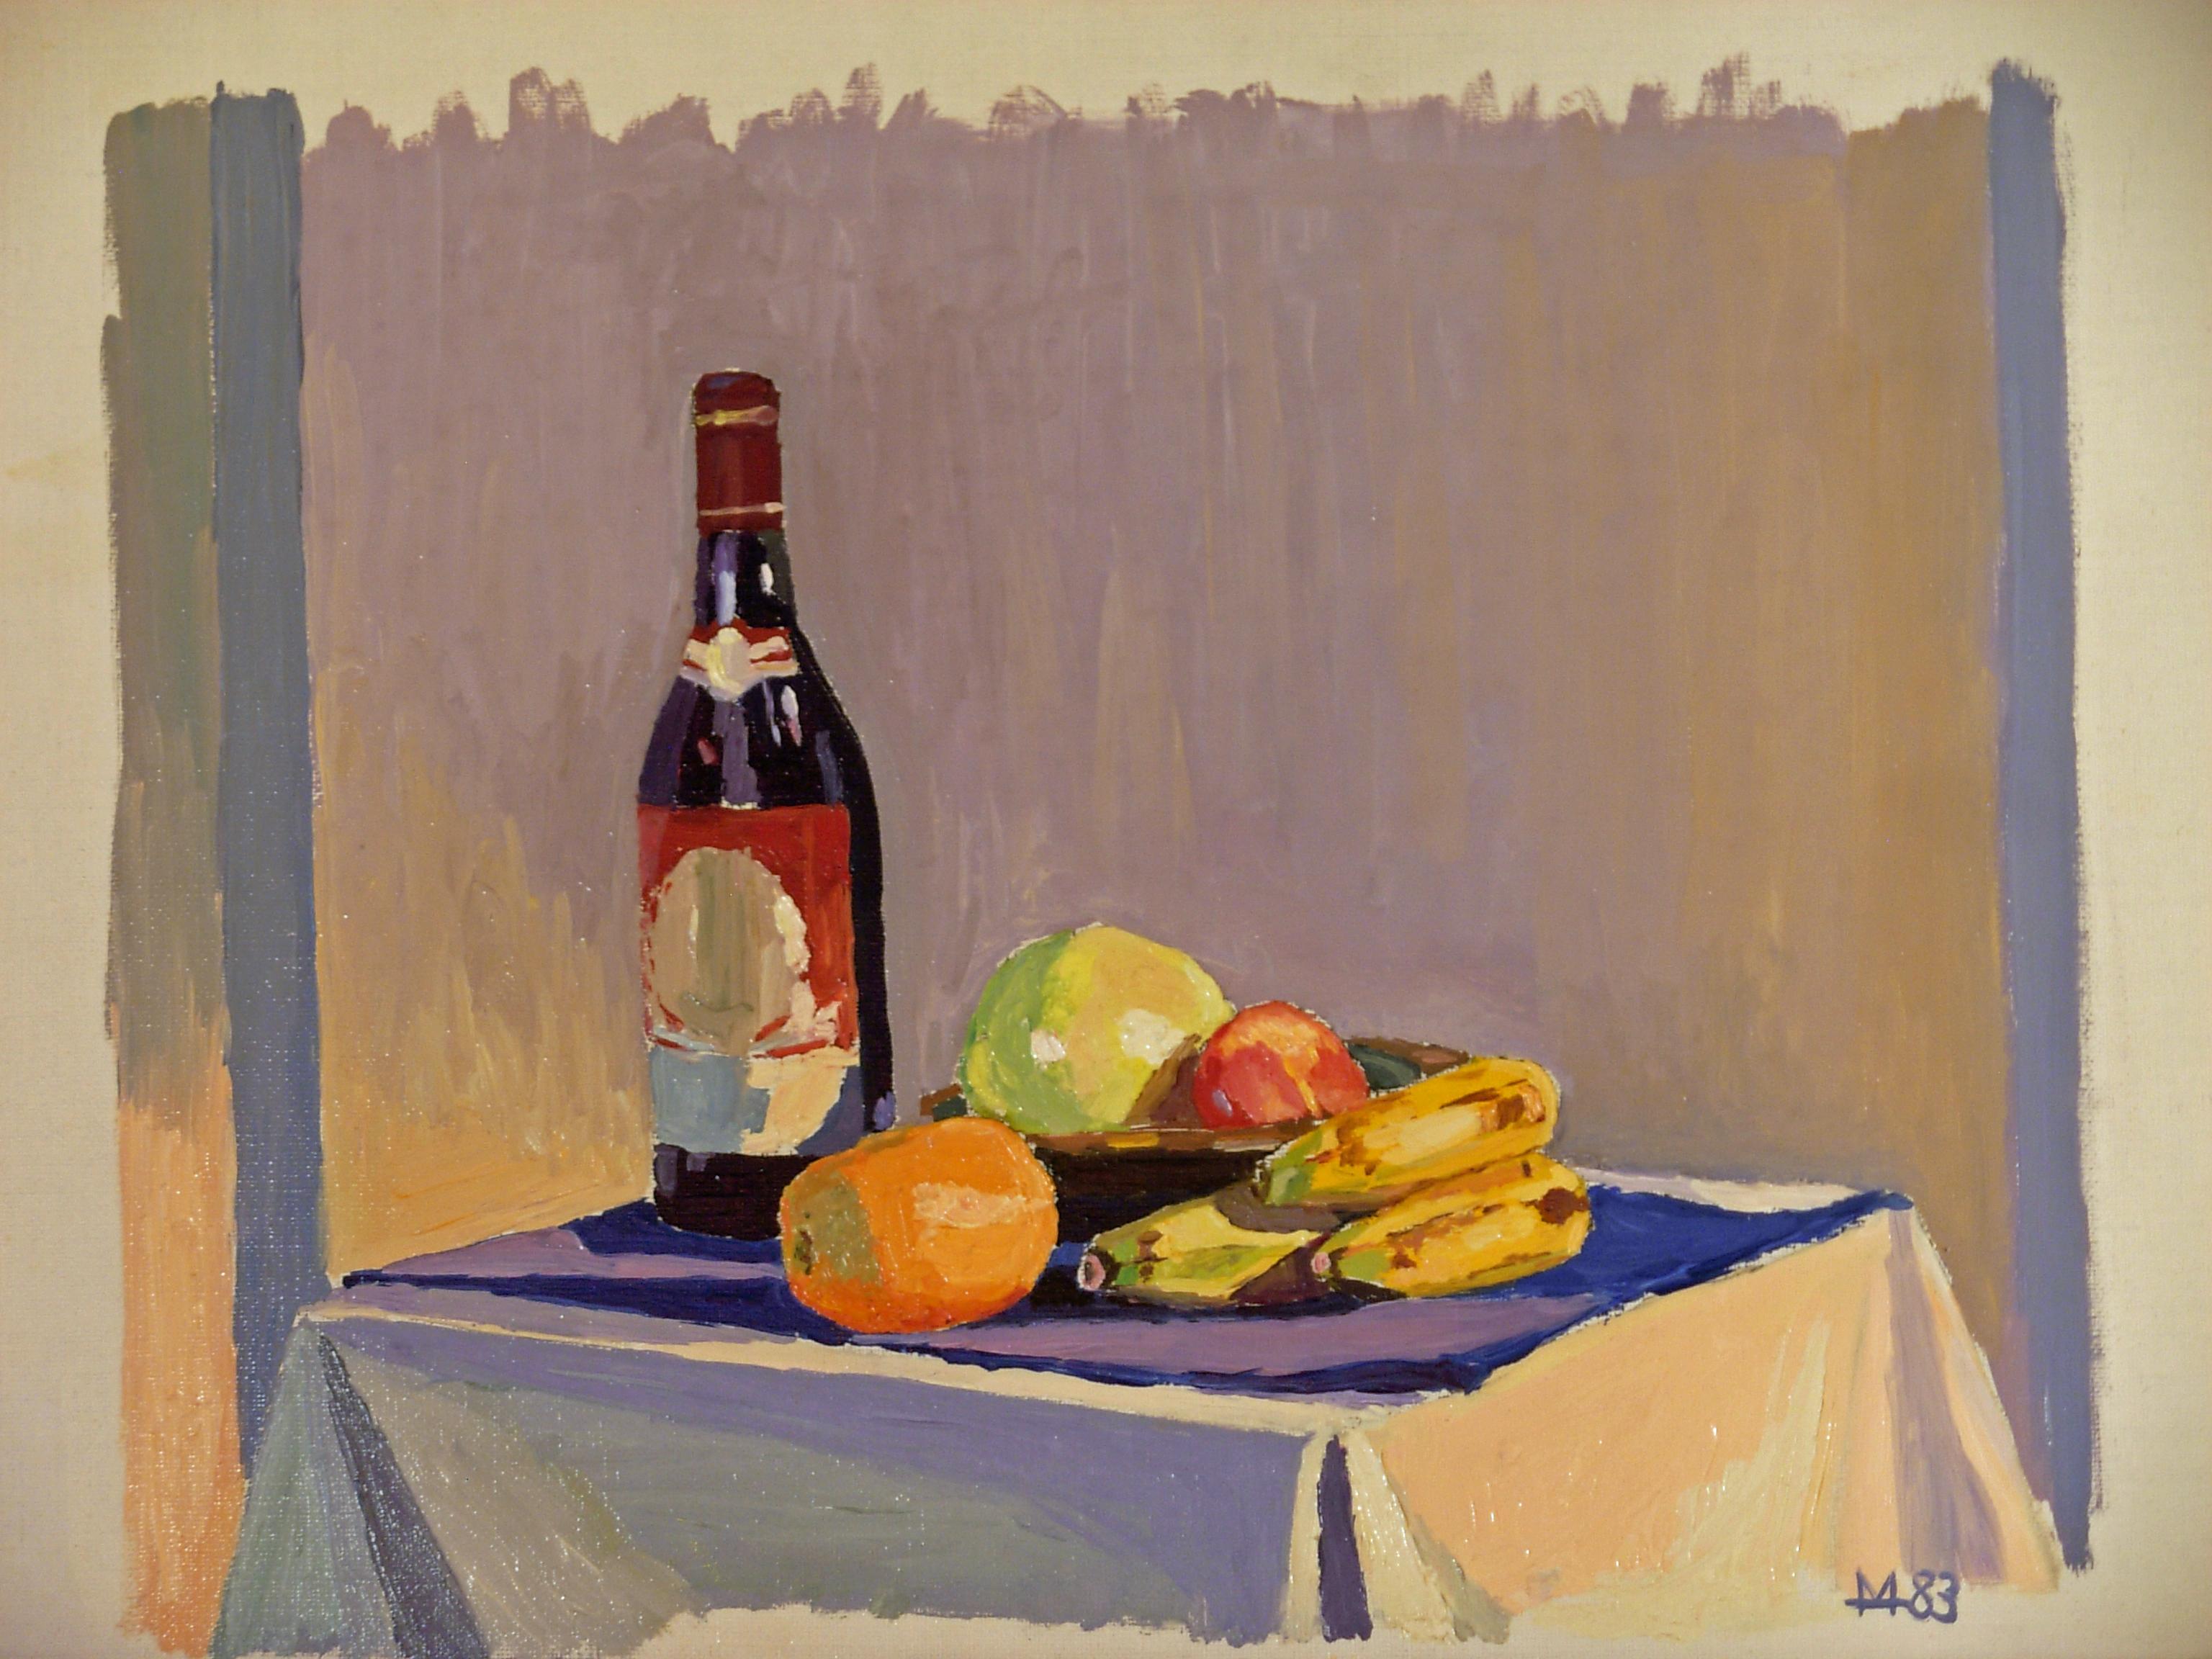 Stillleben mit Weinflasche und Bananen.jpg